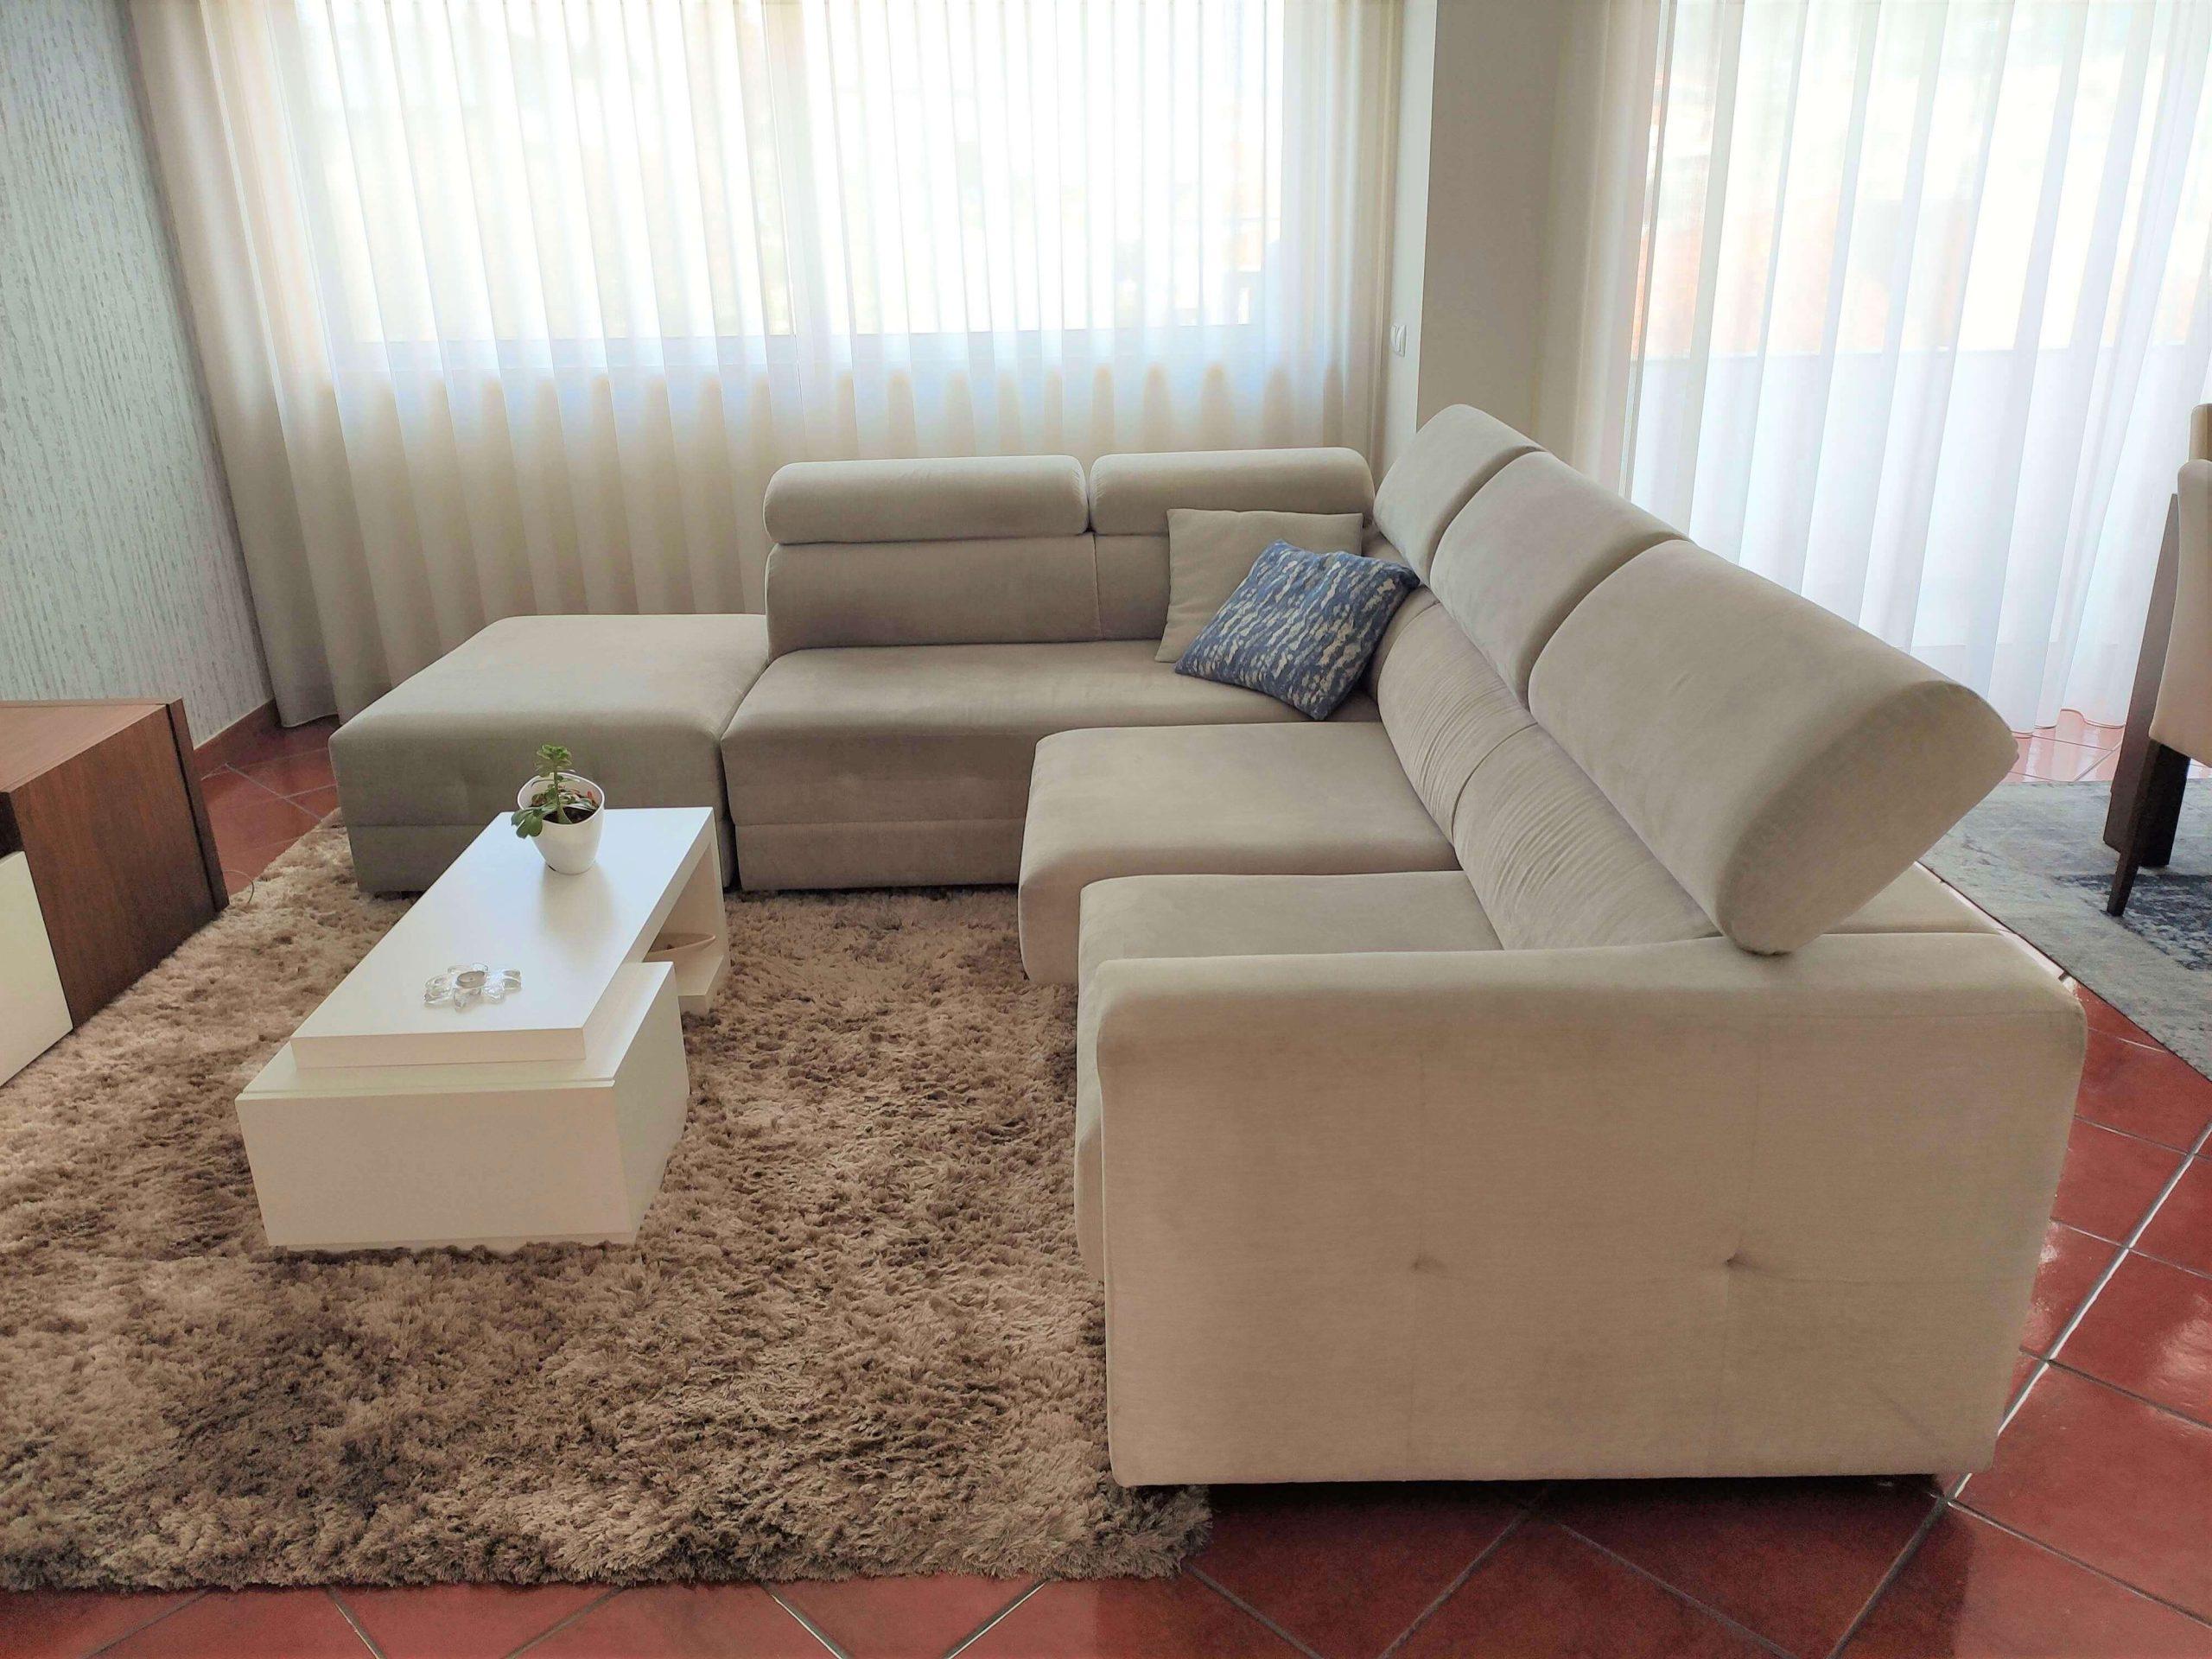 Sofa de Canto RelaxBoton Tecido Bege apoio de cabeca ajustavel e assentos deslizantes 2 scaled